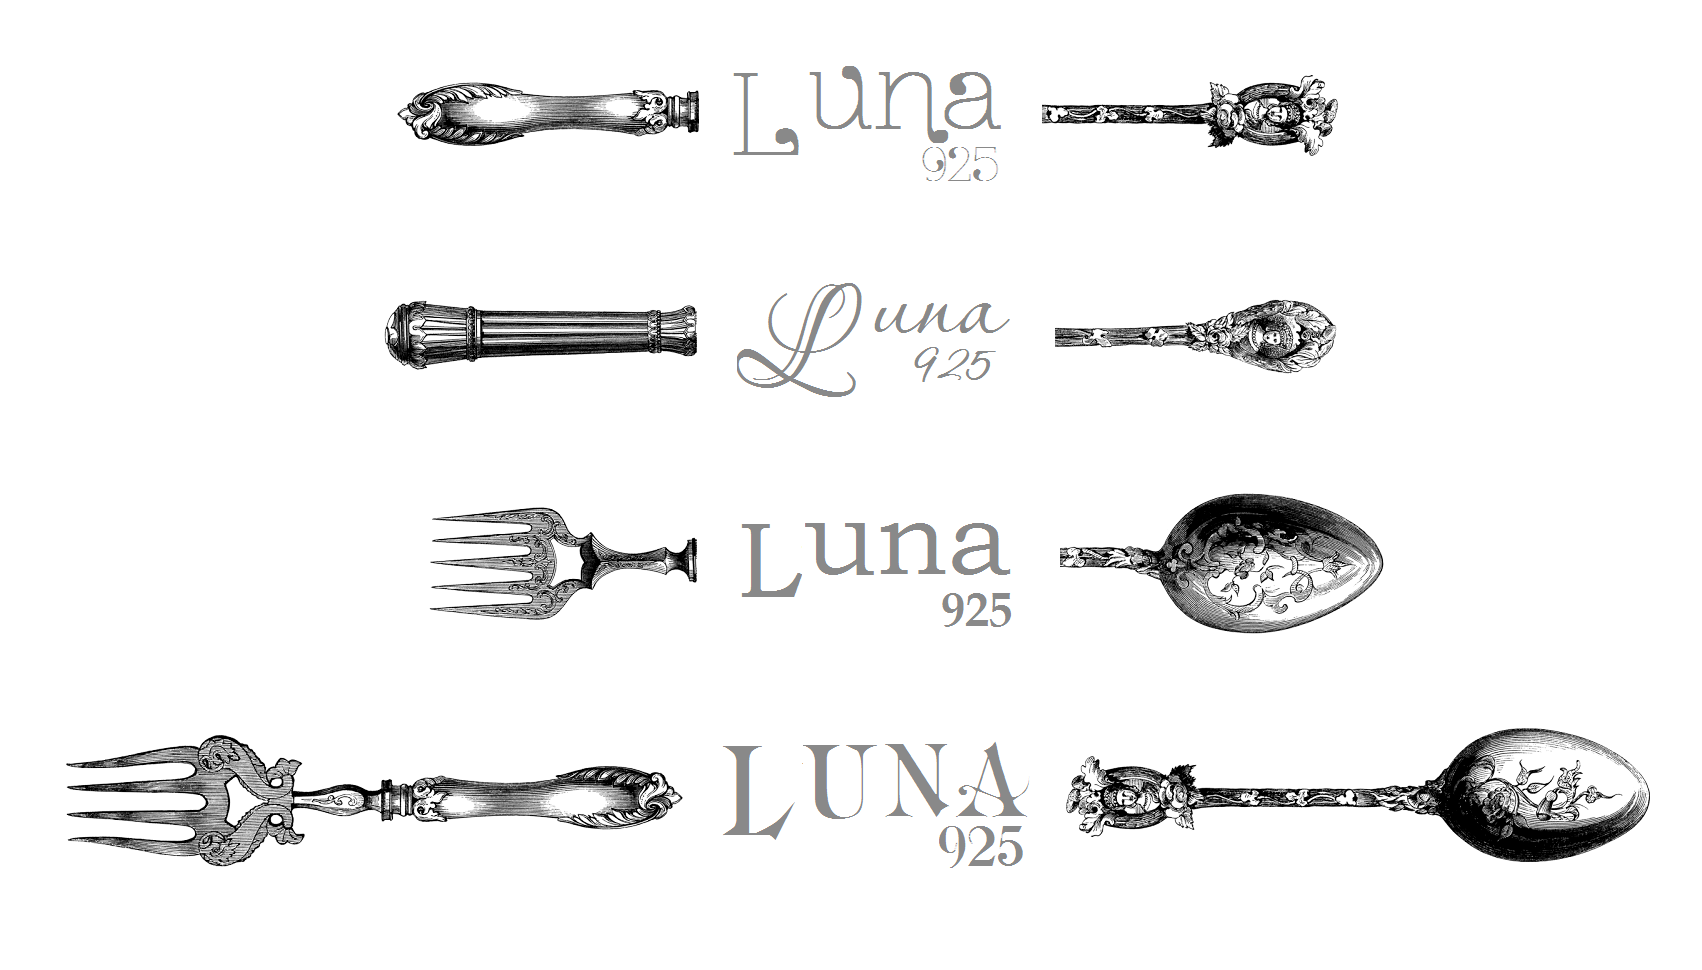 Логотип для столового серебра и посуды из серебра фото f_4645bad293a9de03.png